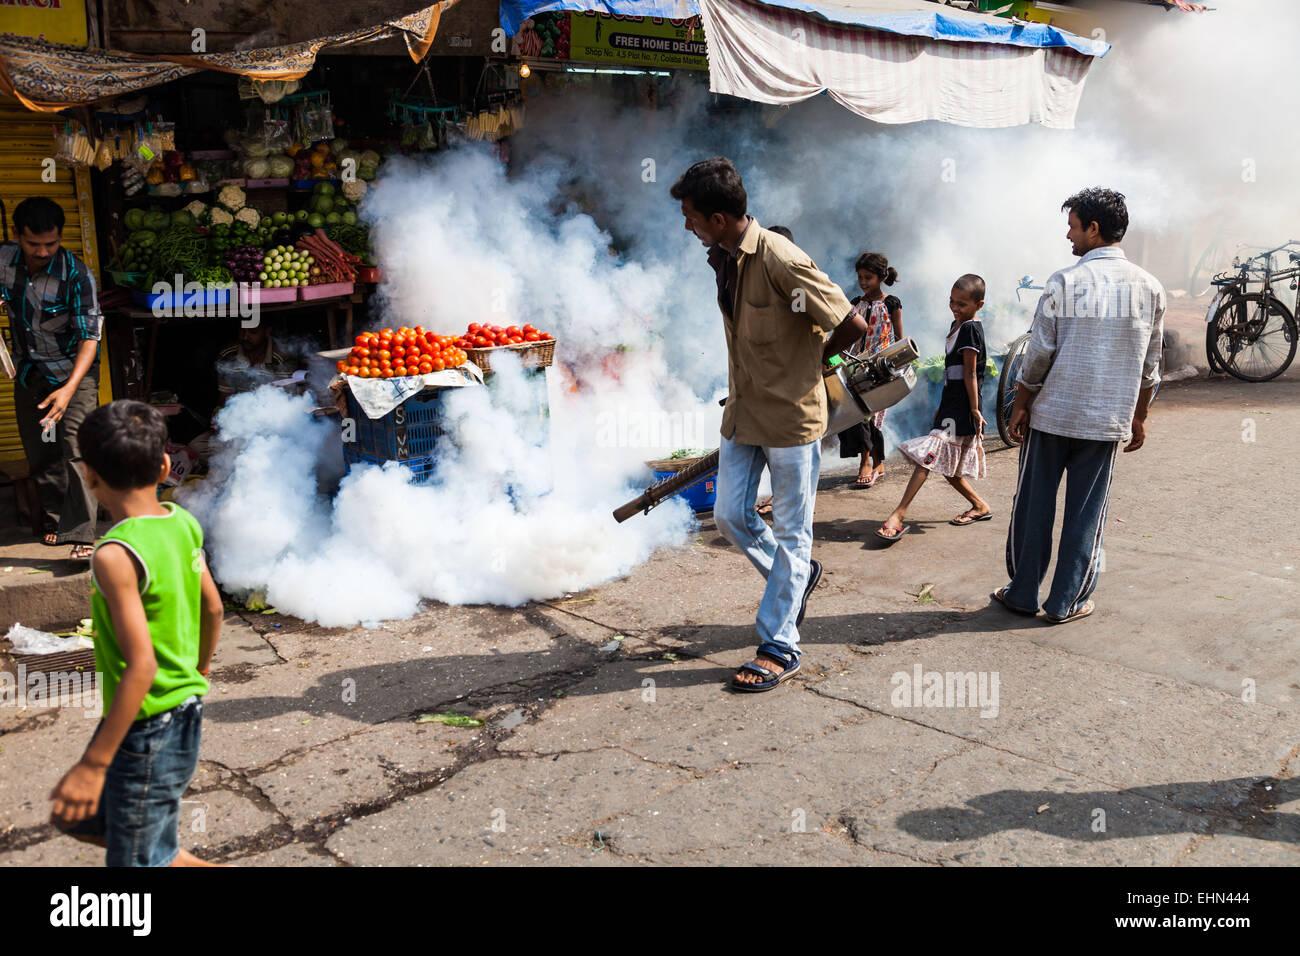 La fumigazione nelle strade di Bombay ( Mumbay ), India. Immagini Stock